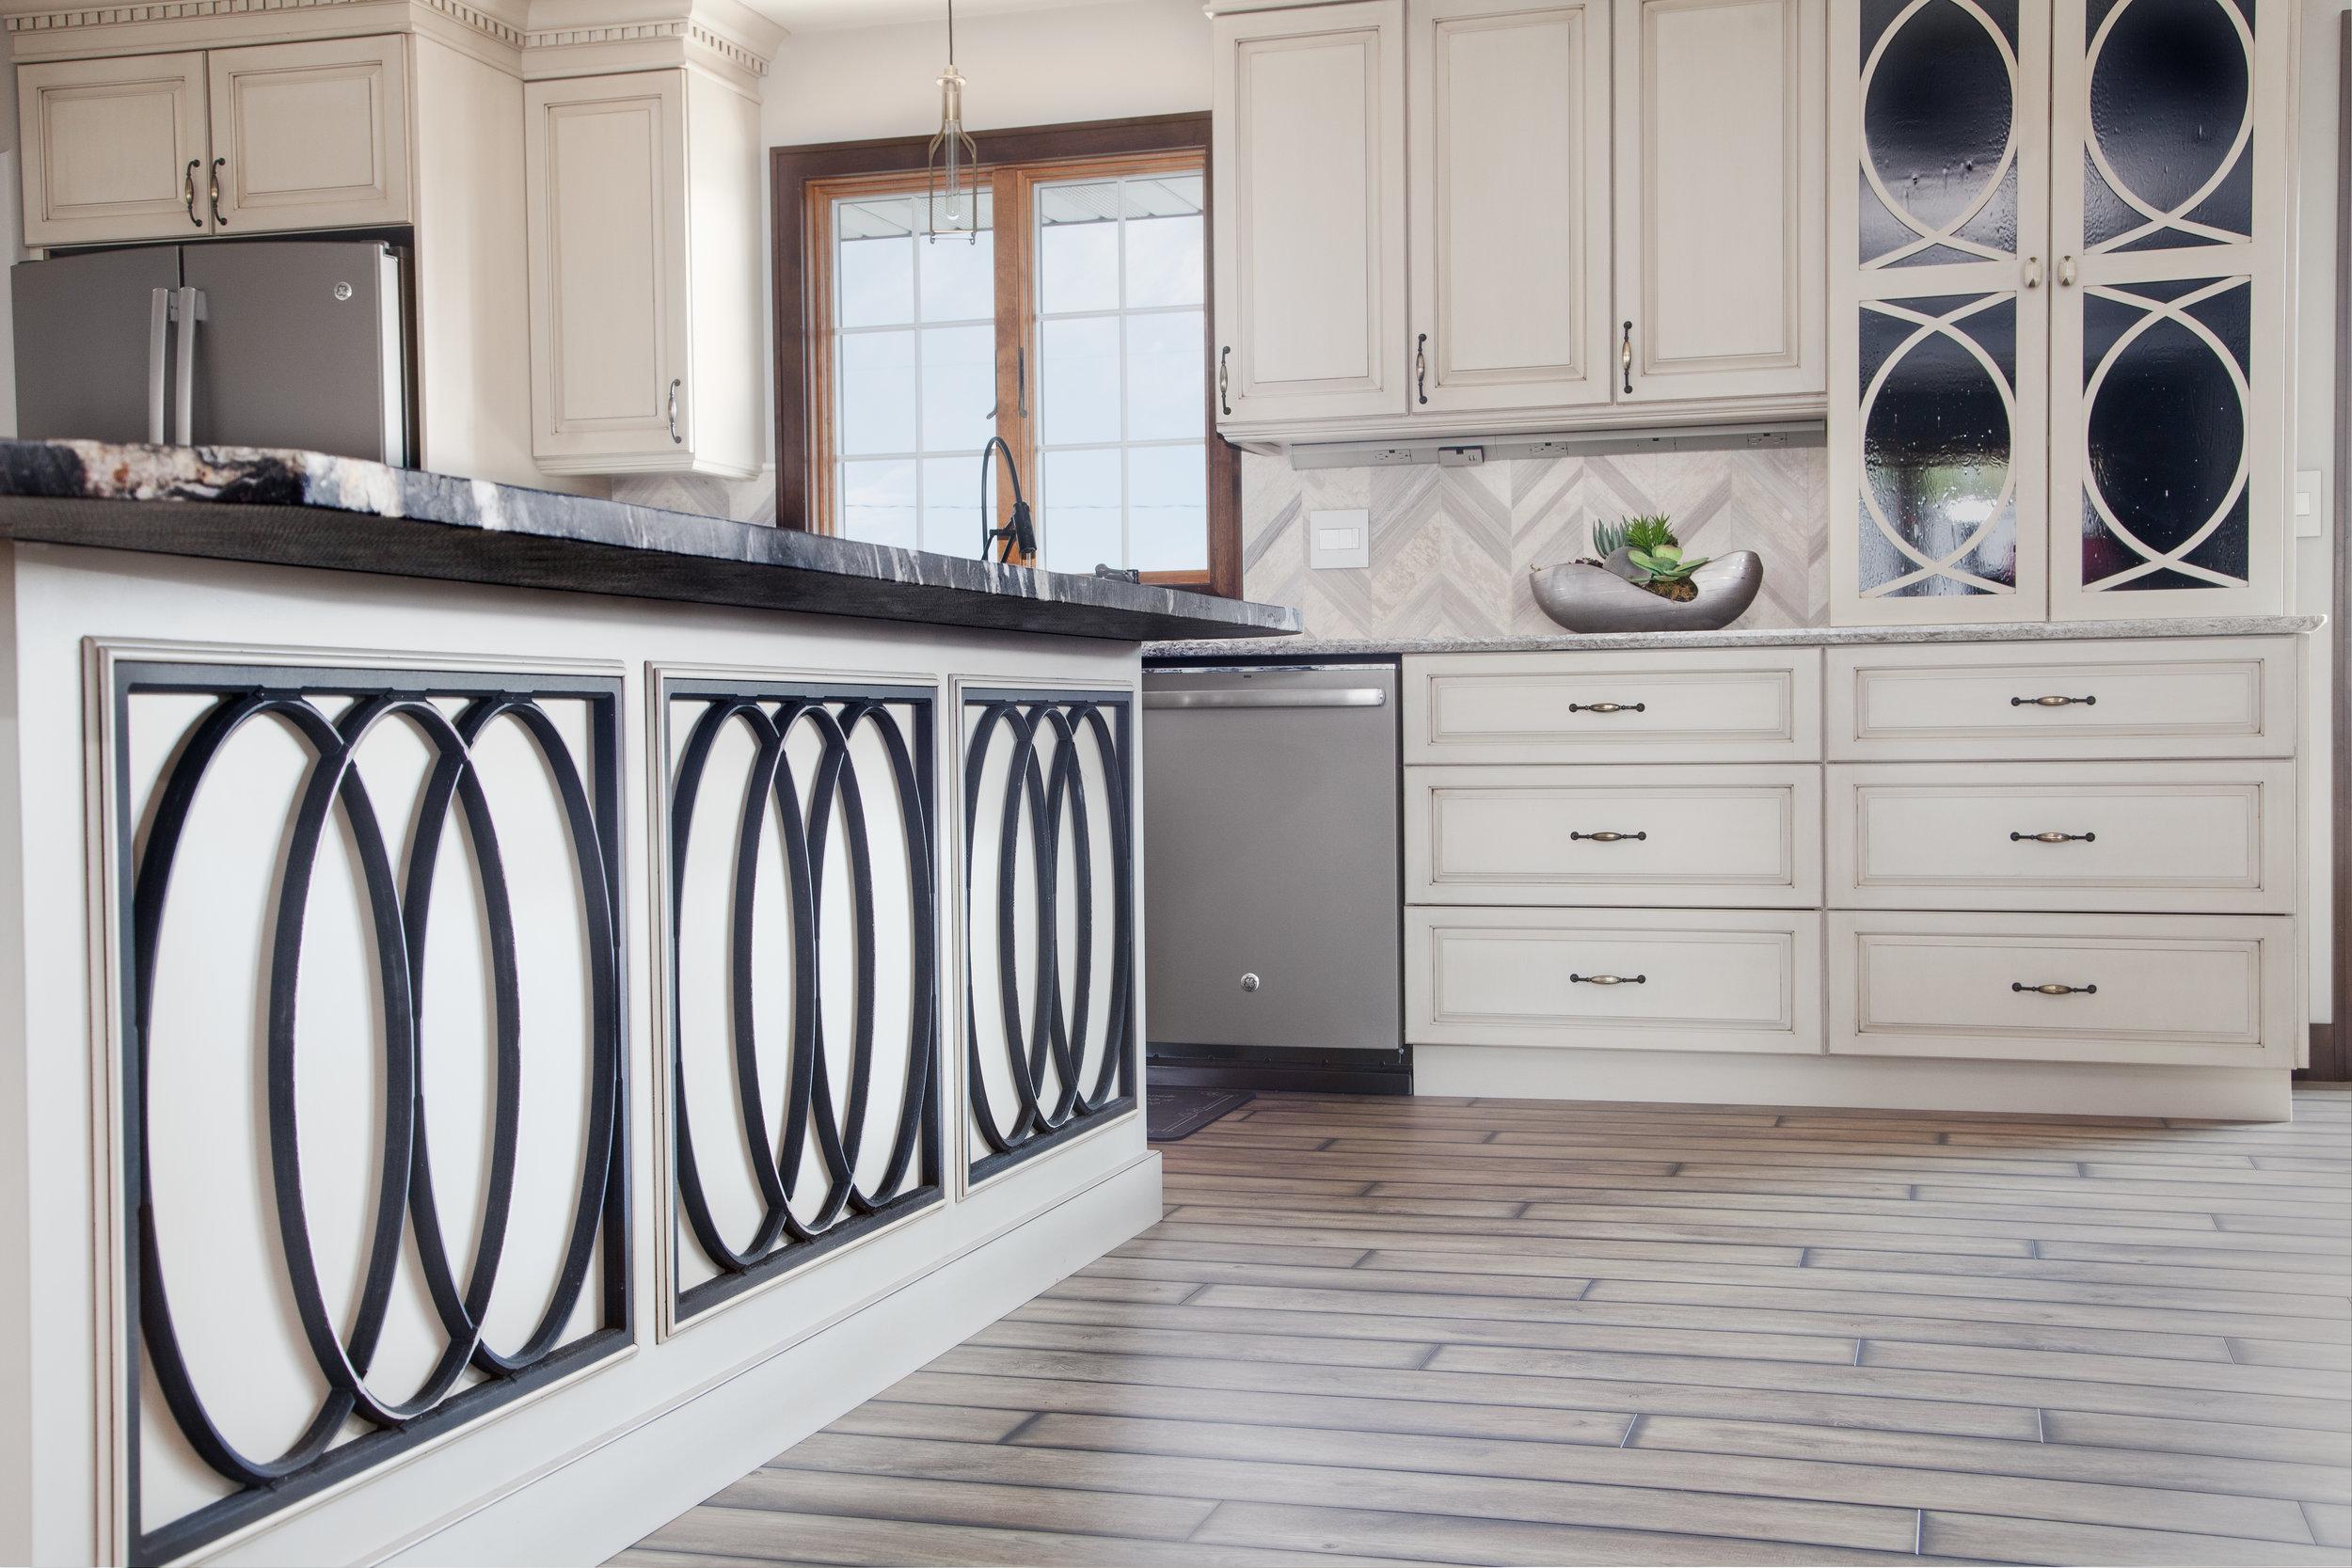 Kitchen Island Tableaux Decorative Grille Ellie Ann's Interior Design